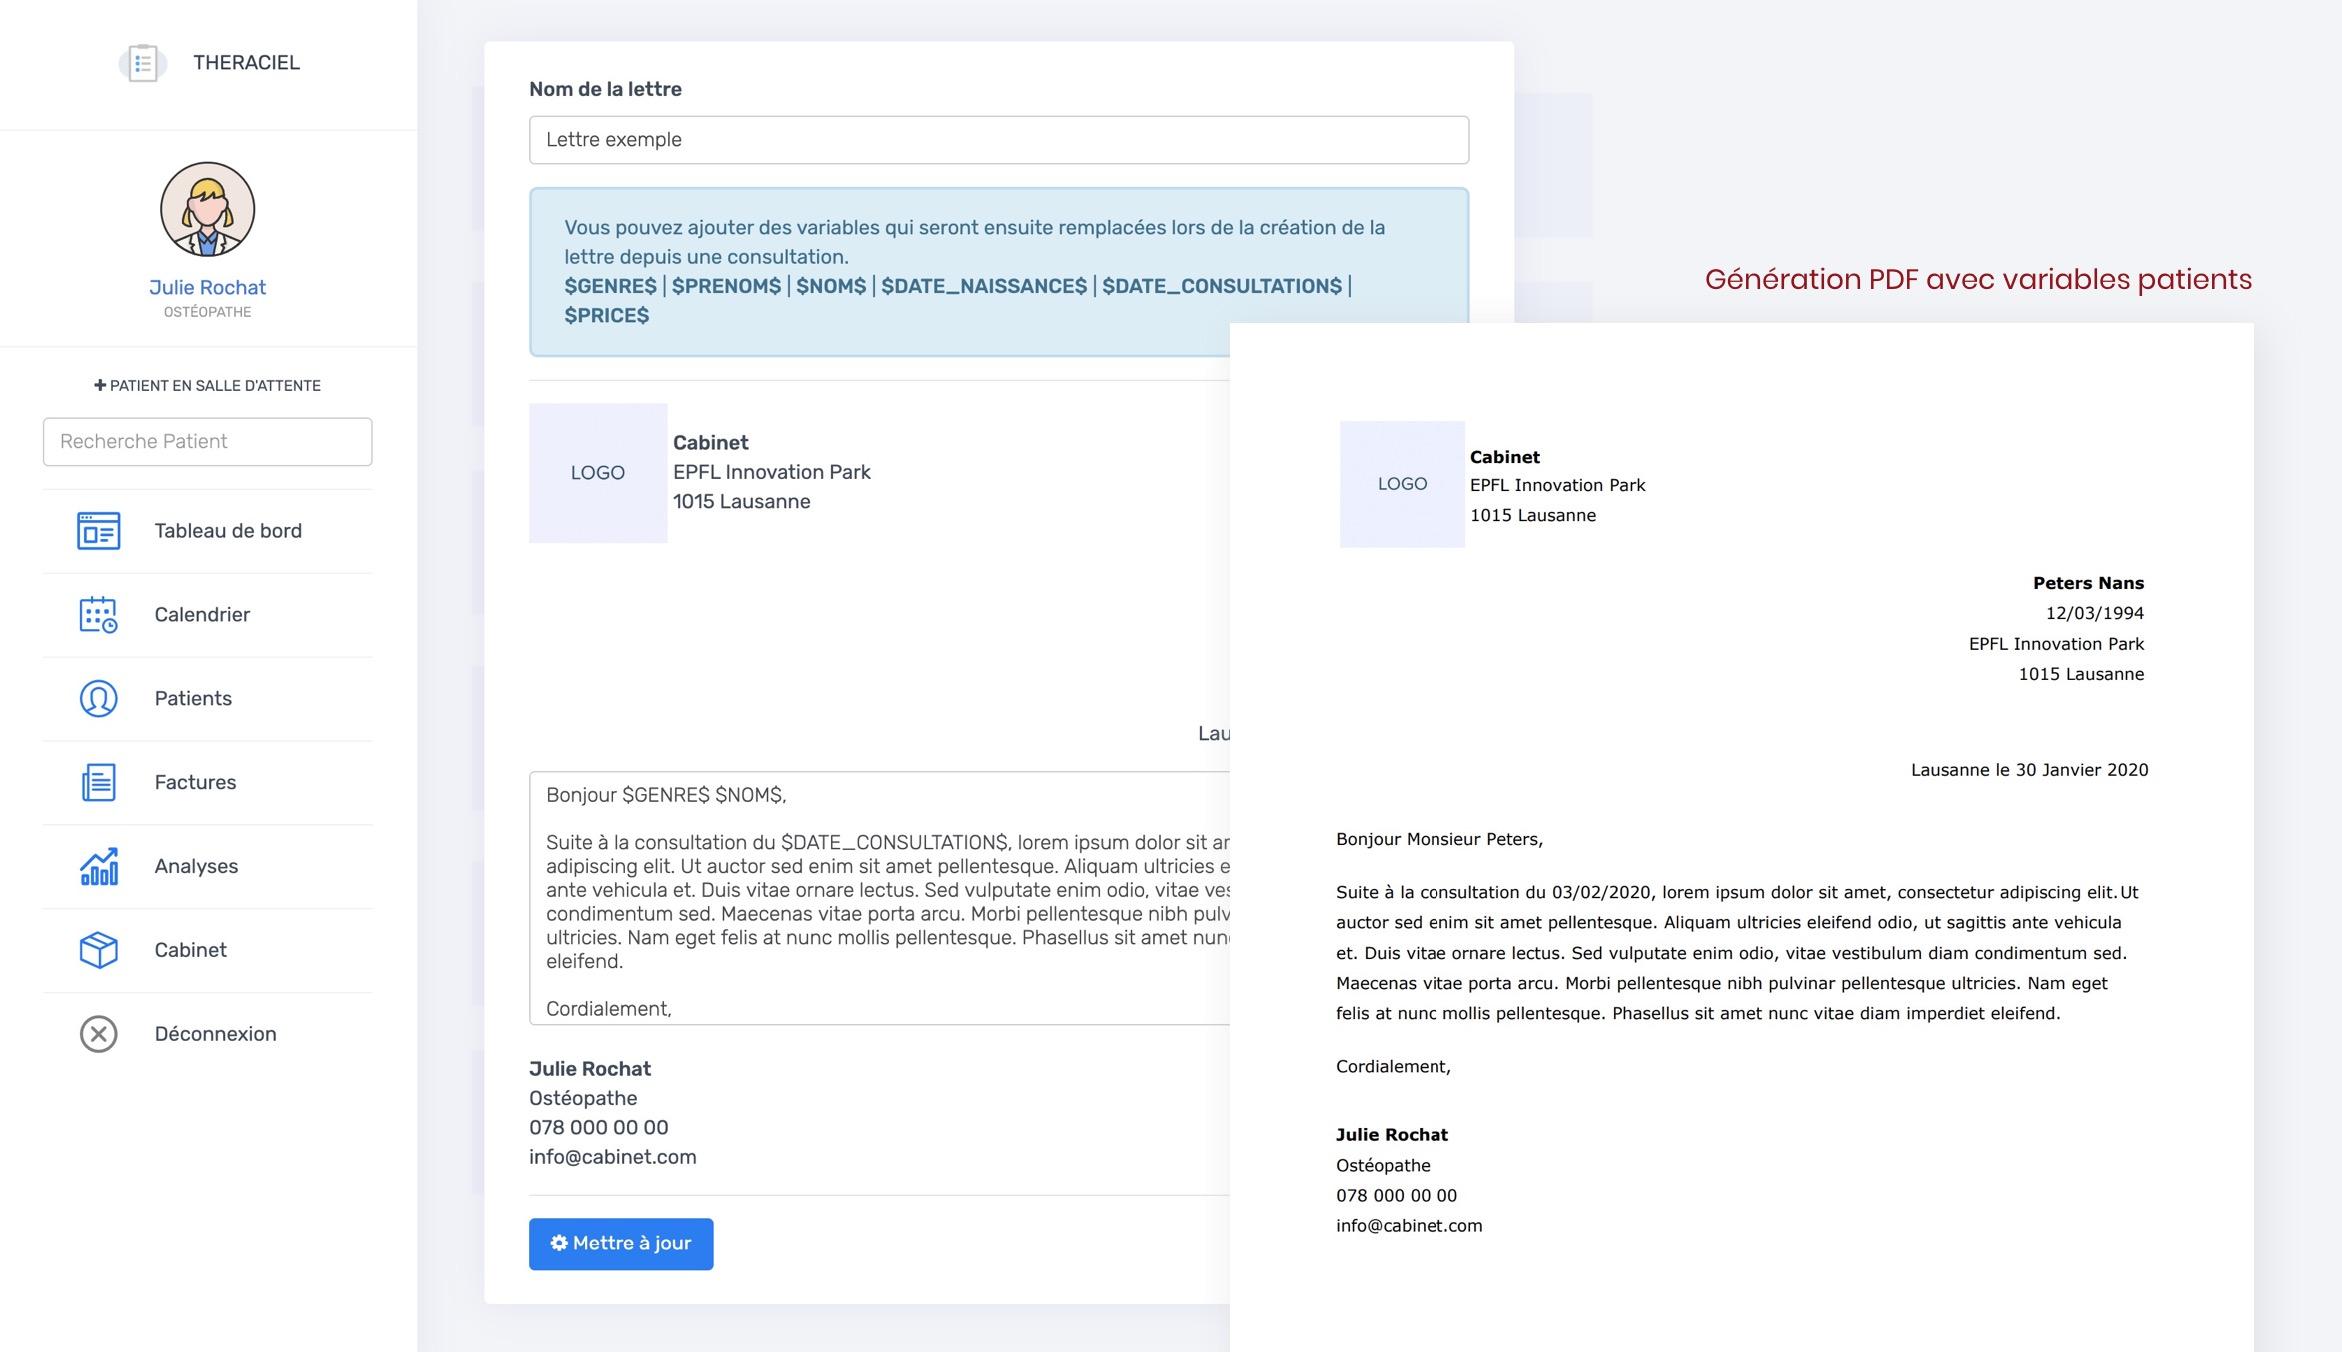 Génération de Document / Lettre | THERACIEL